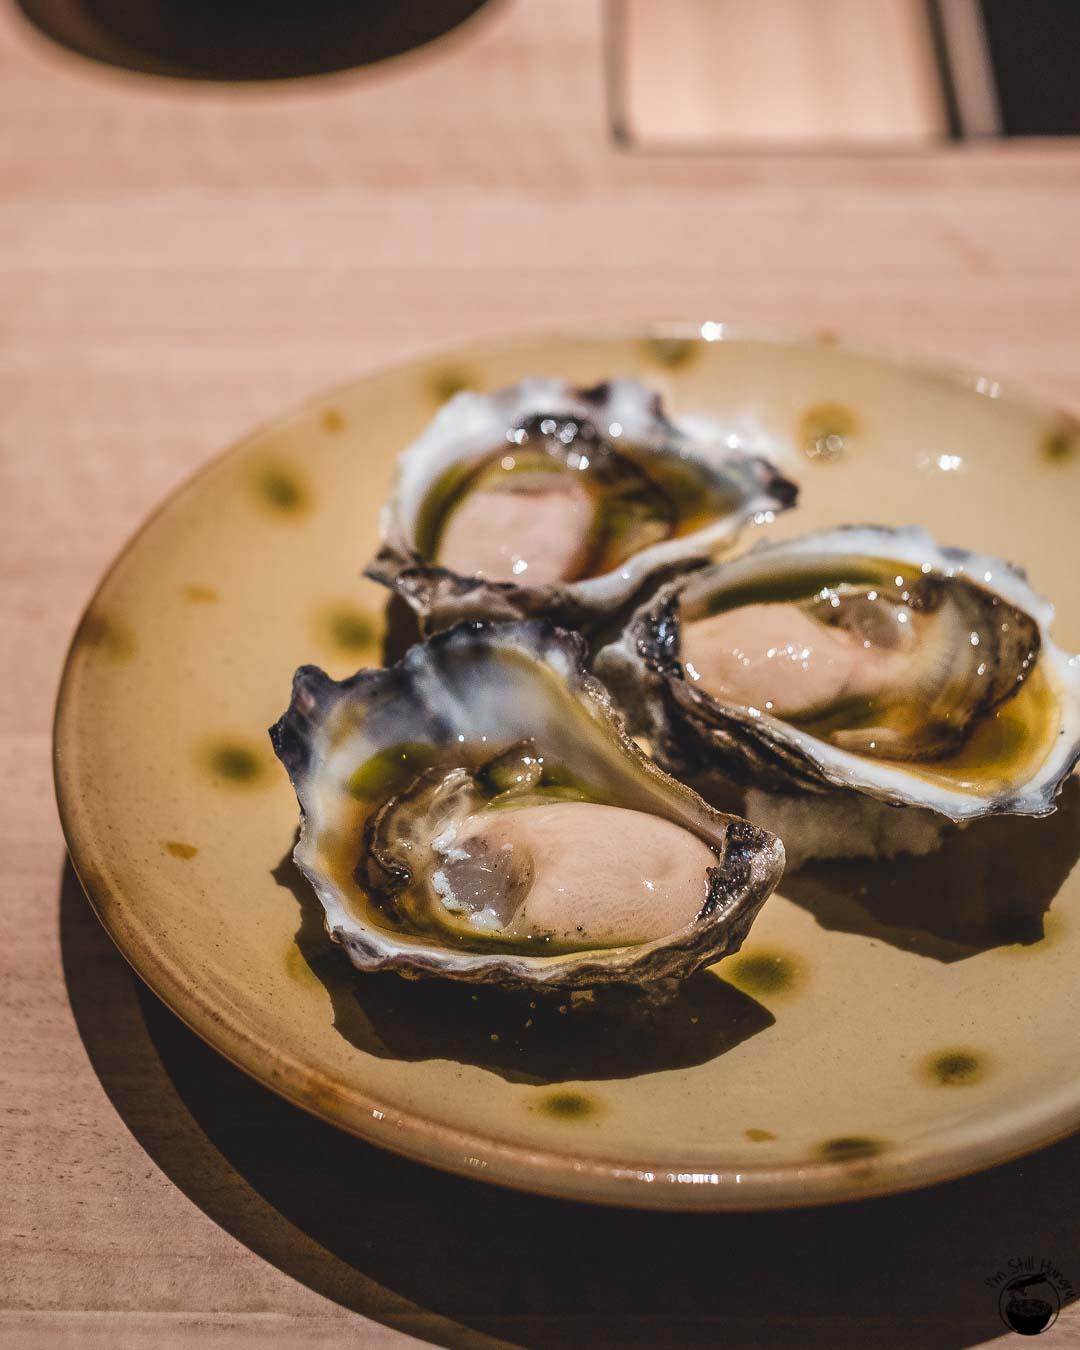 Restaurant Sasaki Surry Hills Second Visit-2 Oyster & yuzu